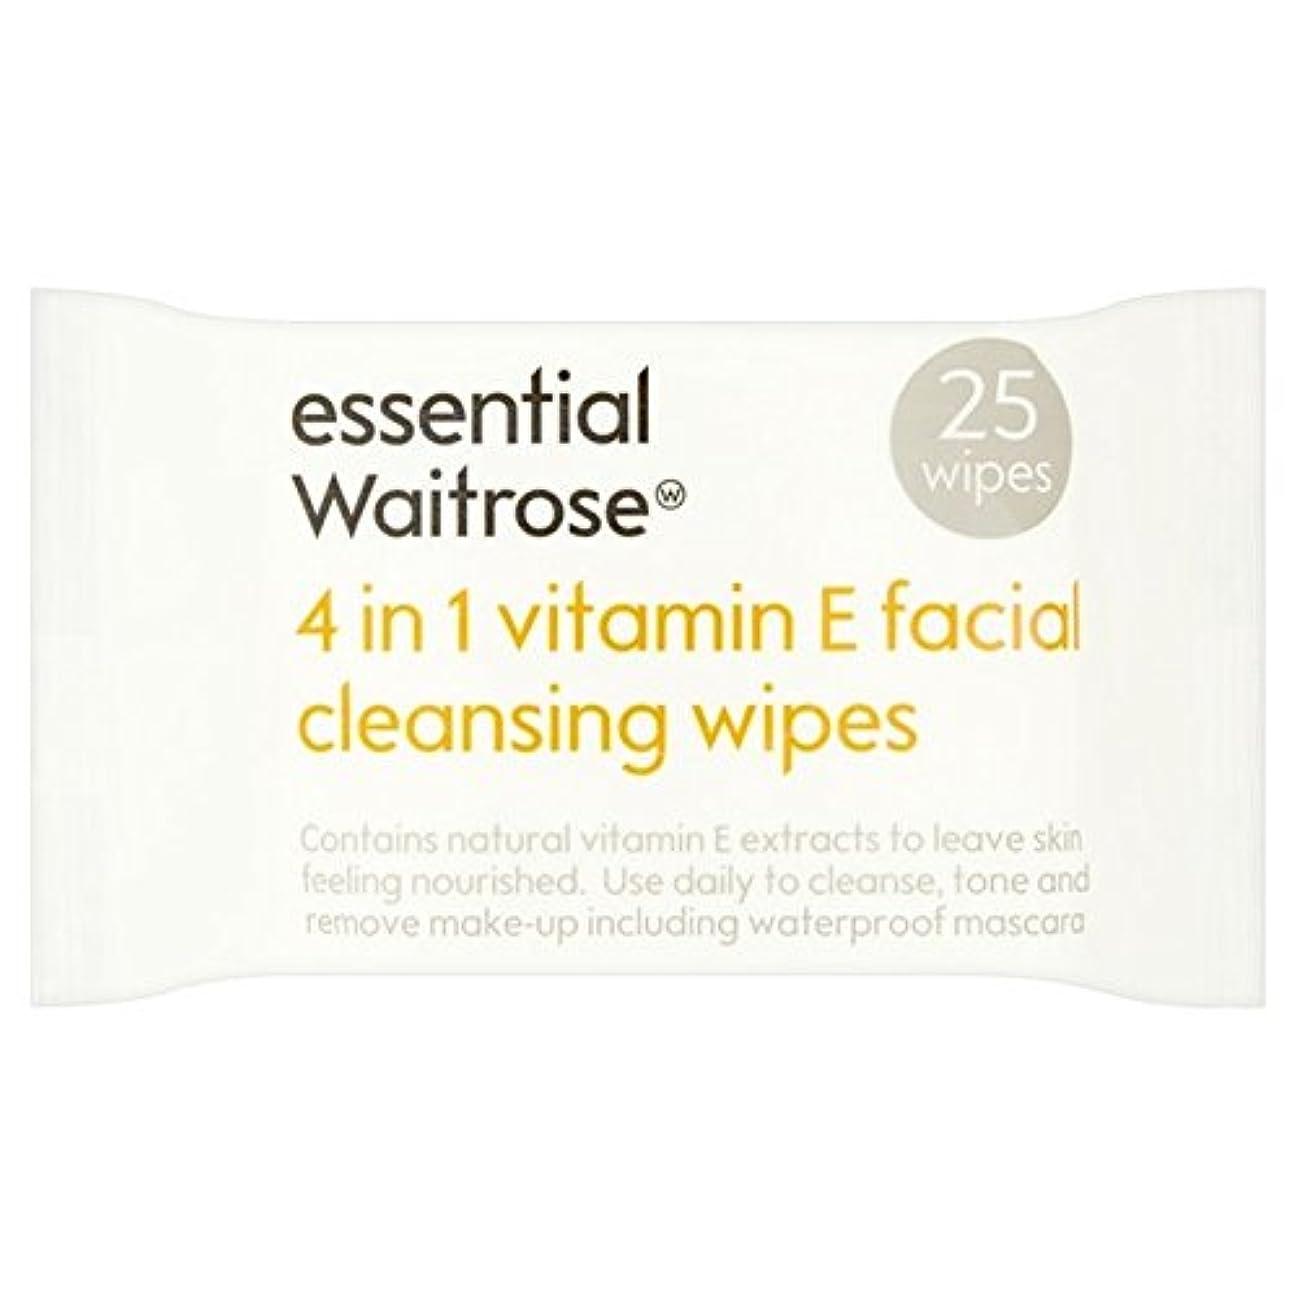 期限切れる疎外Essential 4 in 1 Cleansing Wipes Vitamin E Waitrose 25 per pack - 1つのクレンジングで4不可欠パックあたりのビタミンウェイトローズ25ワイプ [並行輸入品]